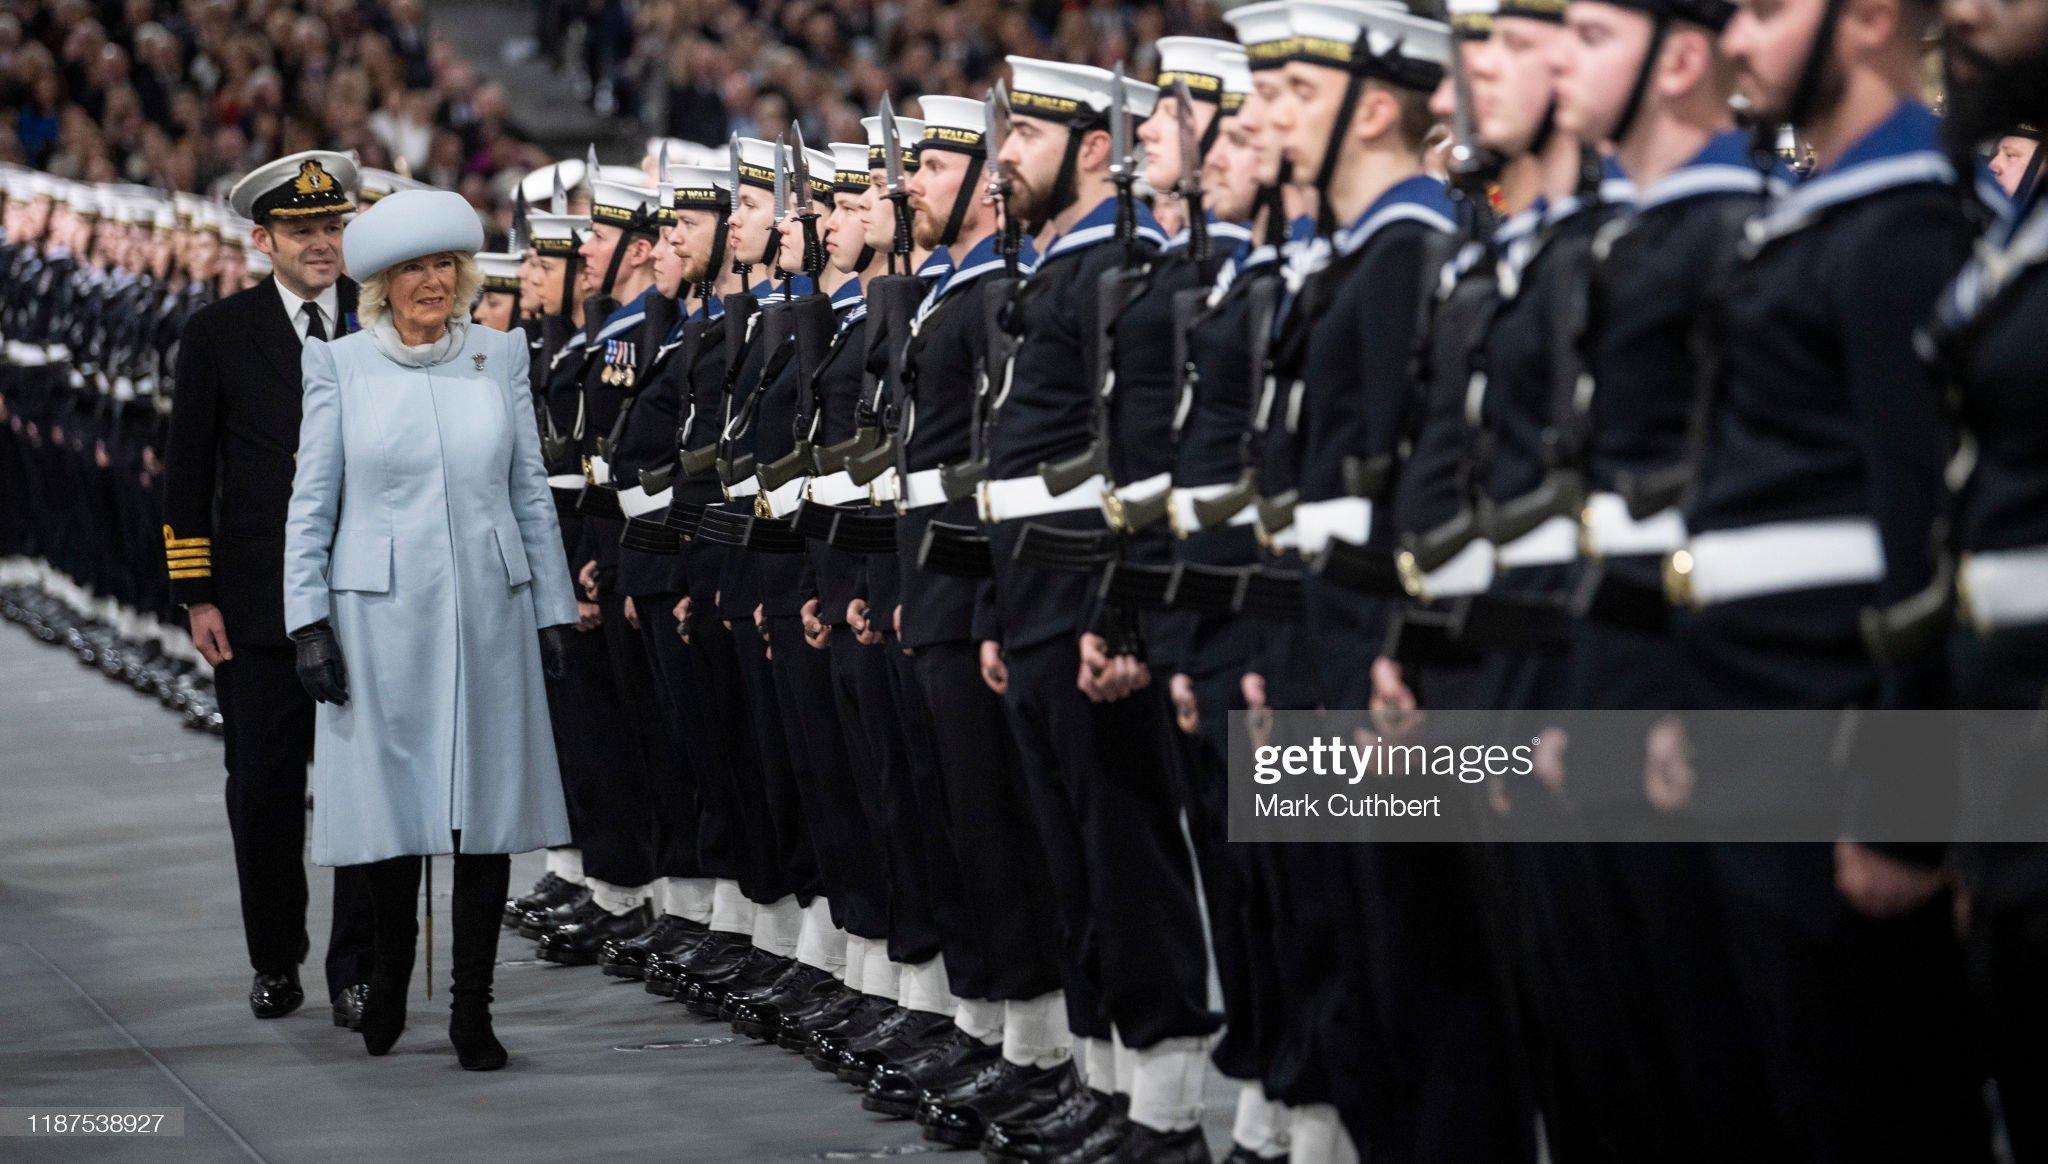 Камилла, герцогиня Корнуоллская, присутствует на официальной церемонии ввода в эксплуатацию авианосца HMS Prince of Wales на военно-морской базе Ее Величества 10 декабря 2019 года в Портсмуте, Англия